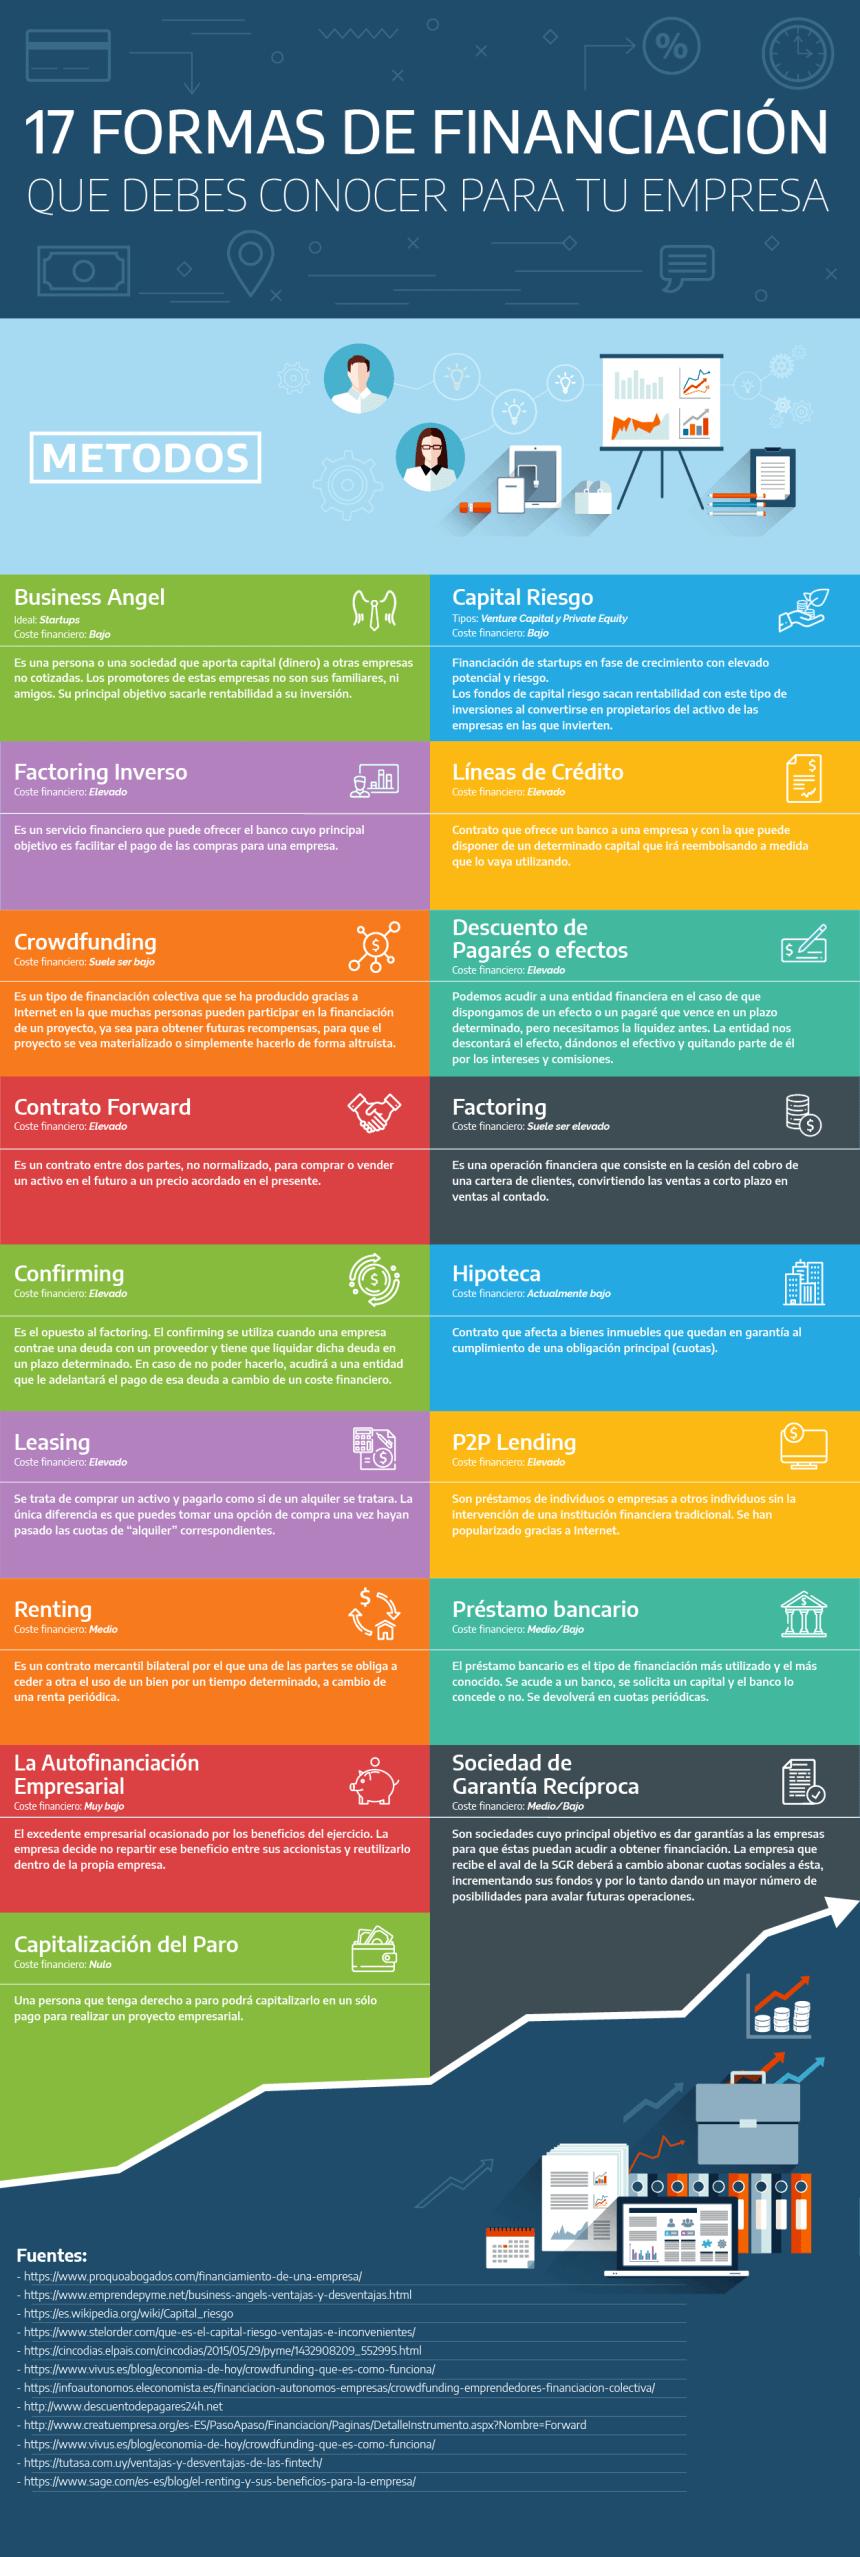 17 formas de financiación para tu empresa